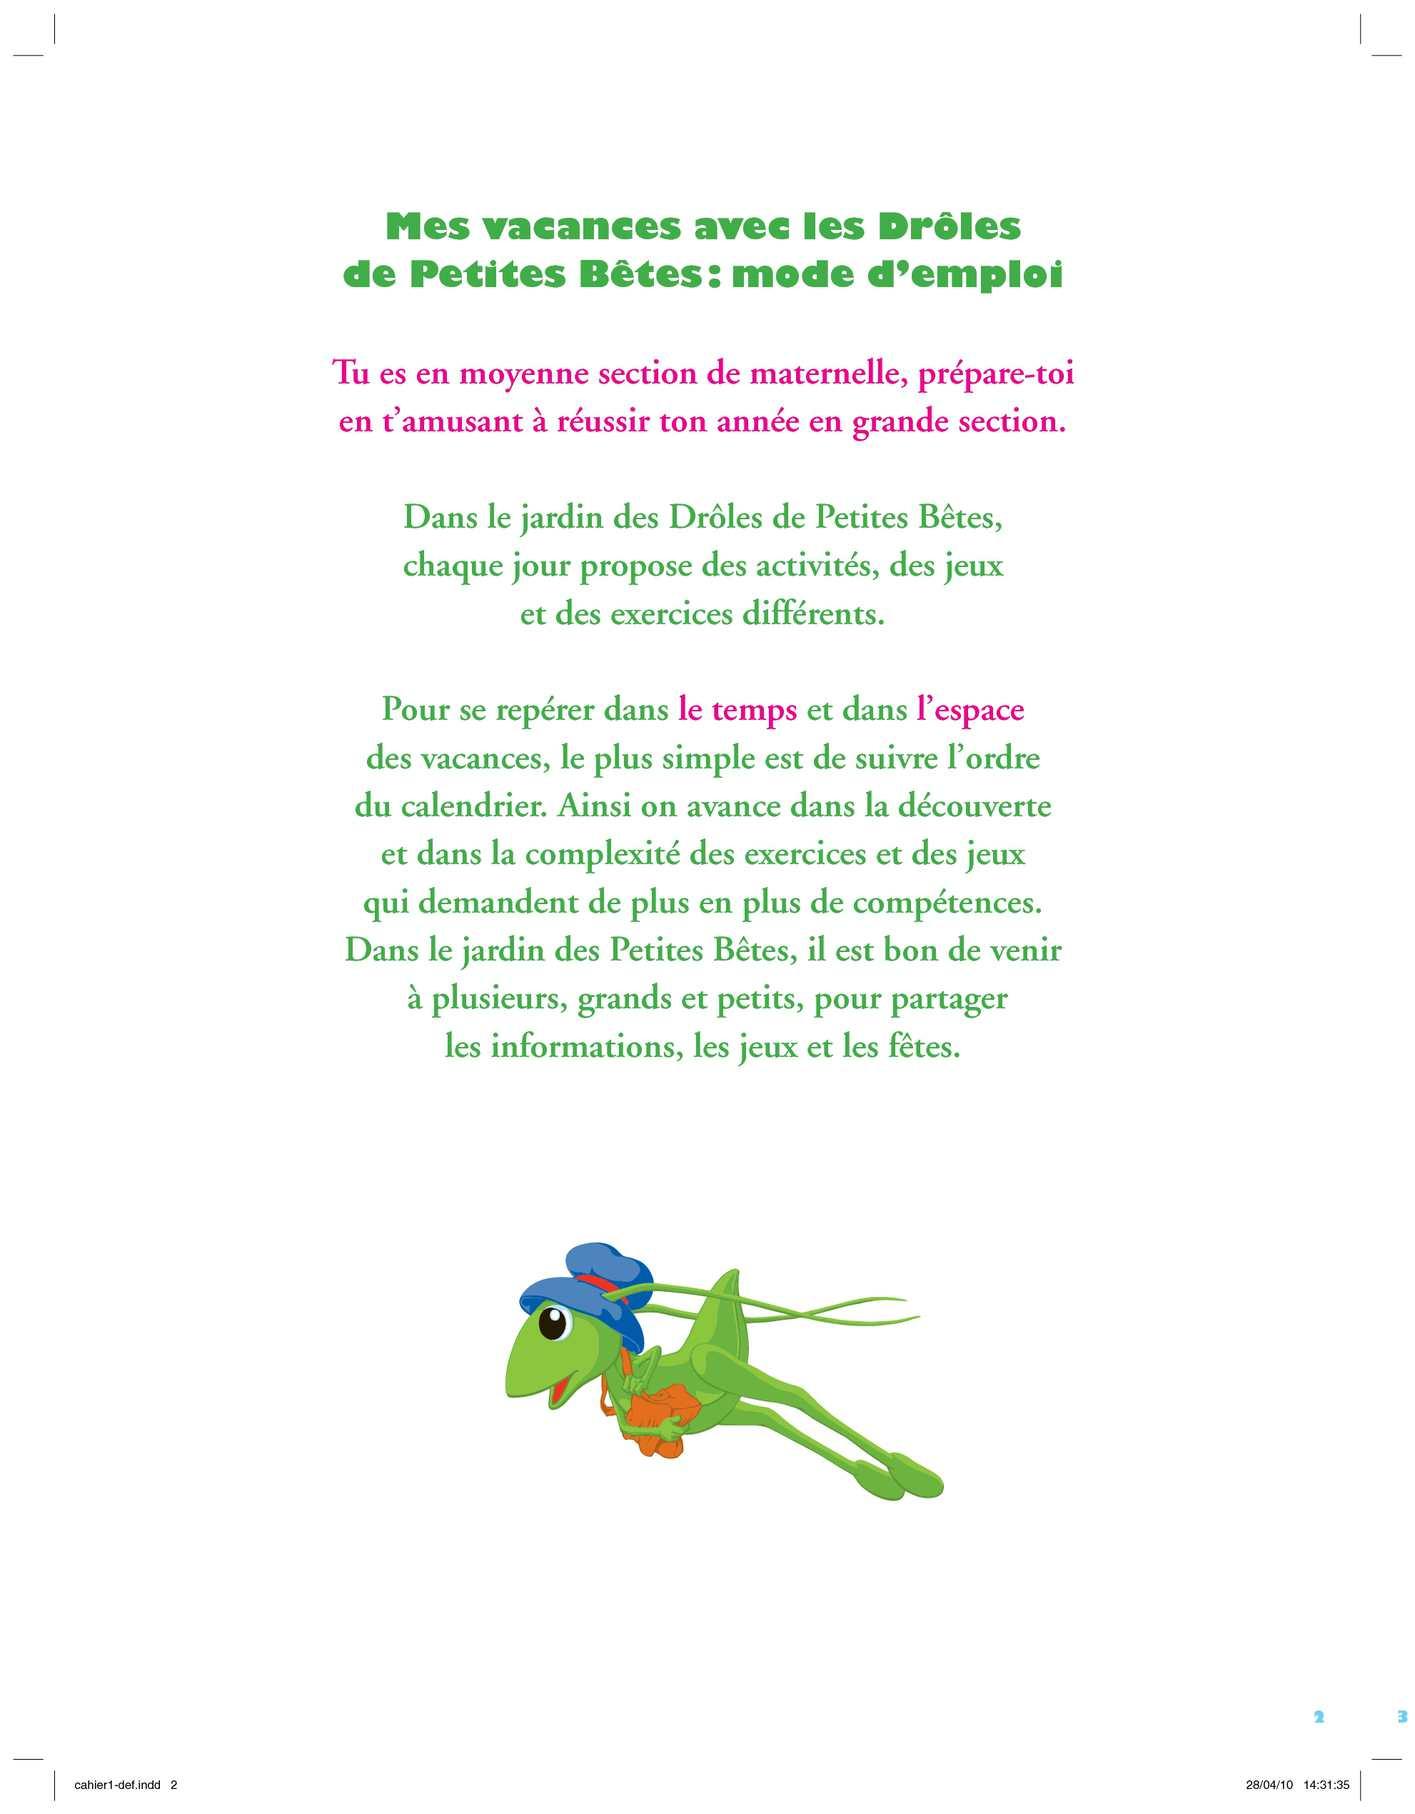 Calaméo - Mes Vacances Avec Les Drôles De Petites Bêtes pour Jeux Maternelle Grande Section